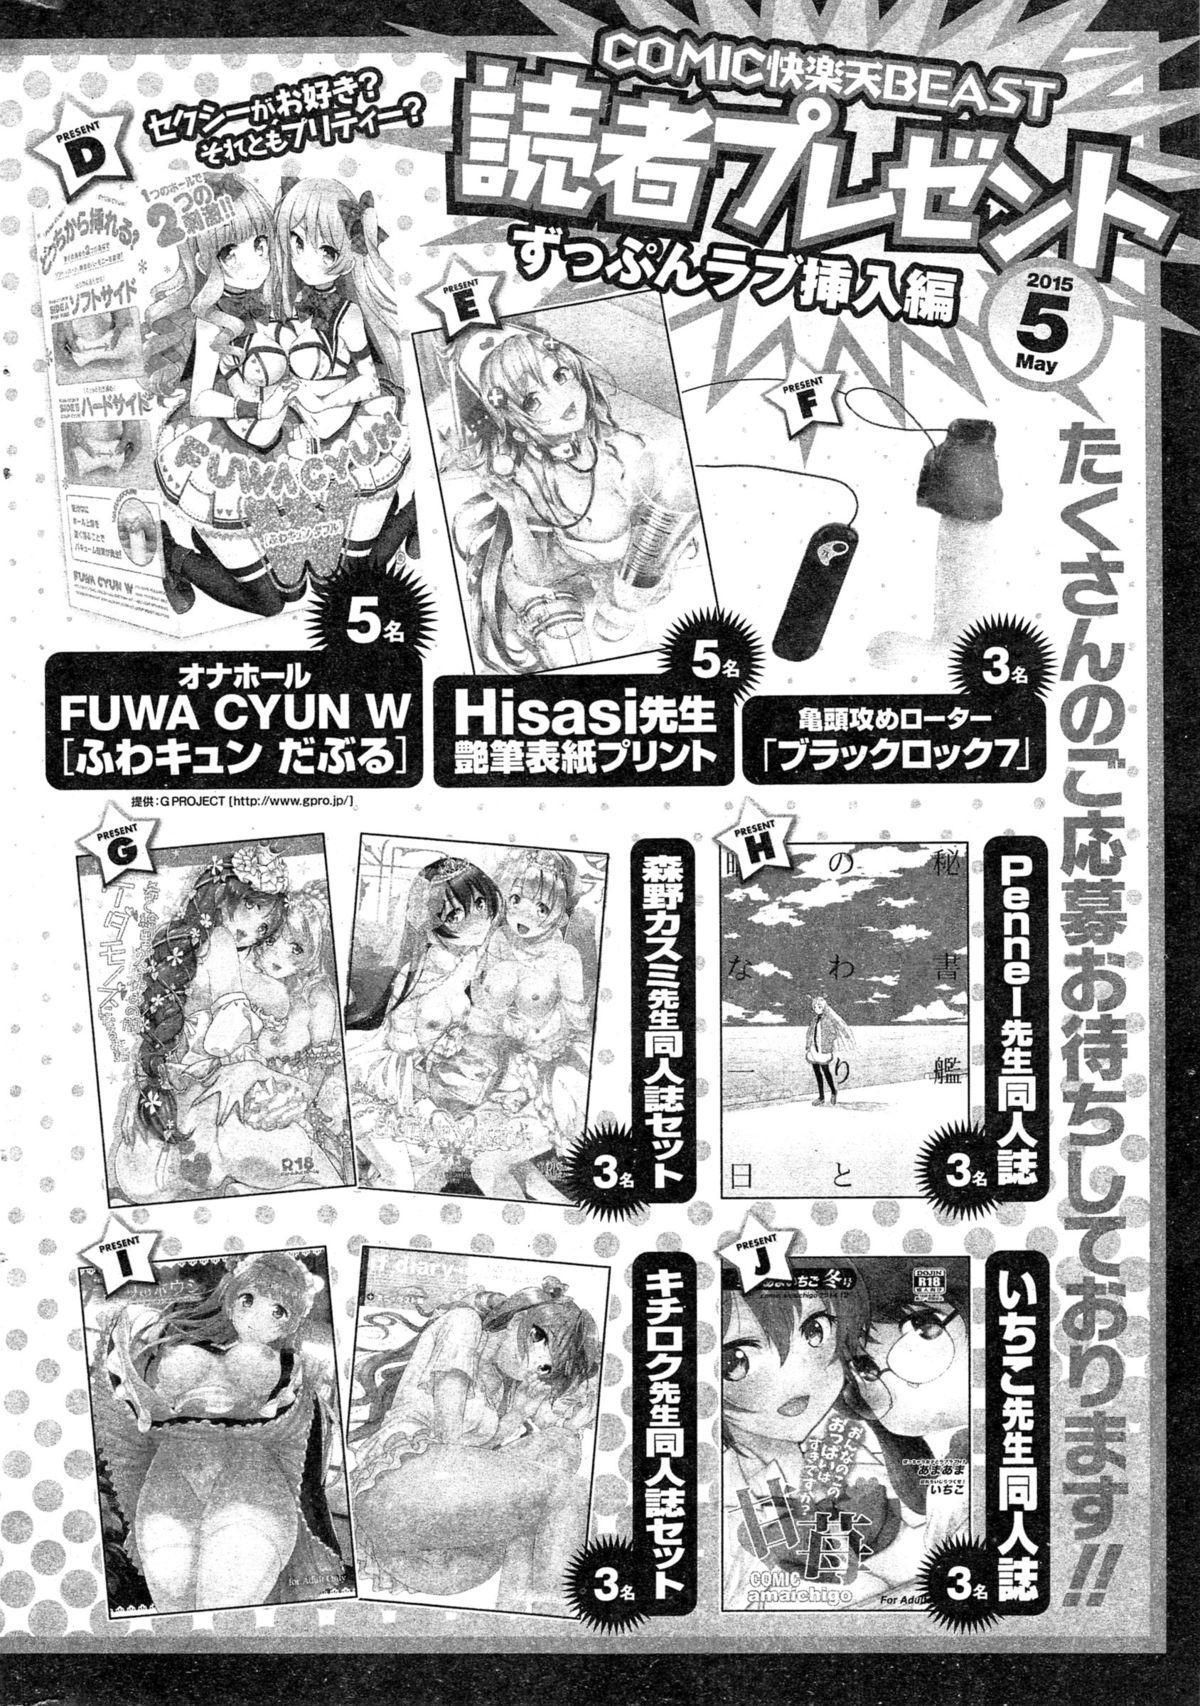 COMIC Kairakuten BEAST 2015-05 306